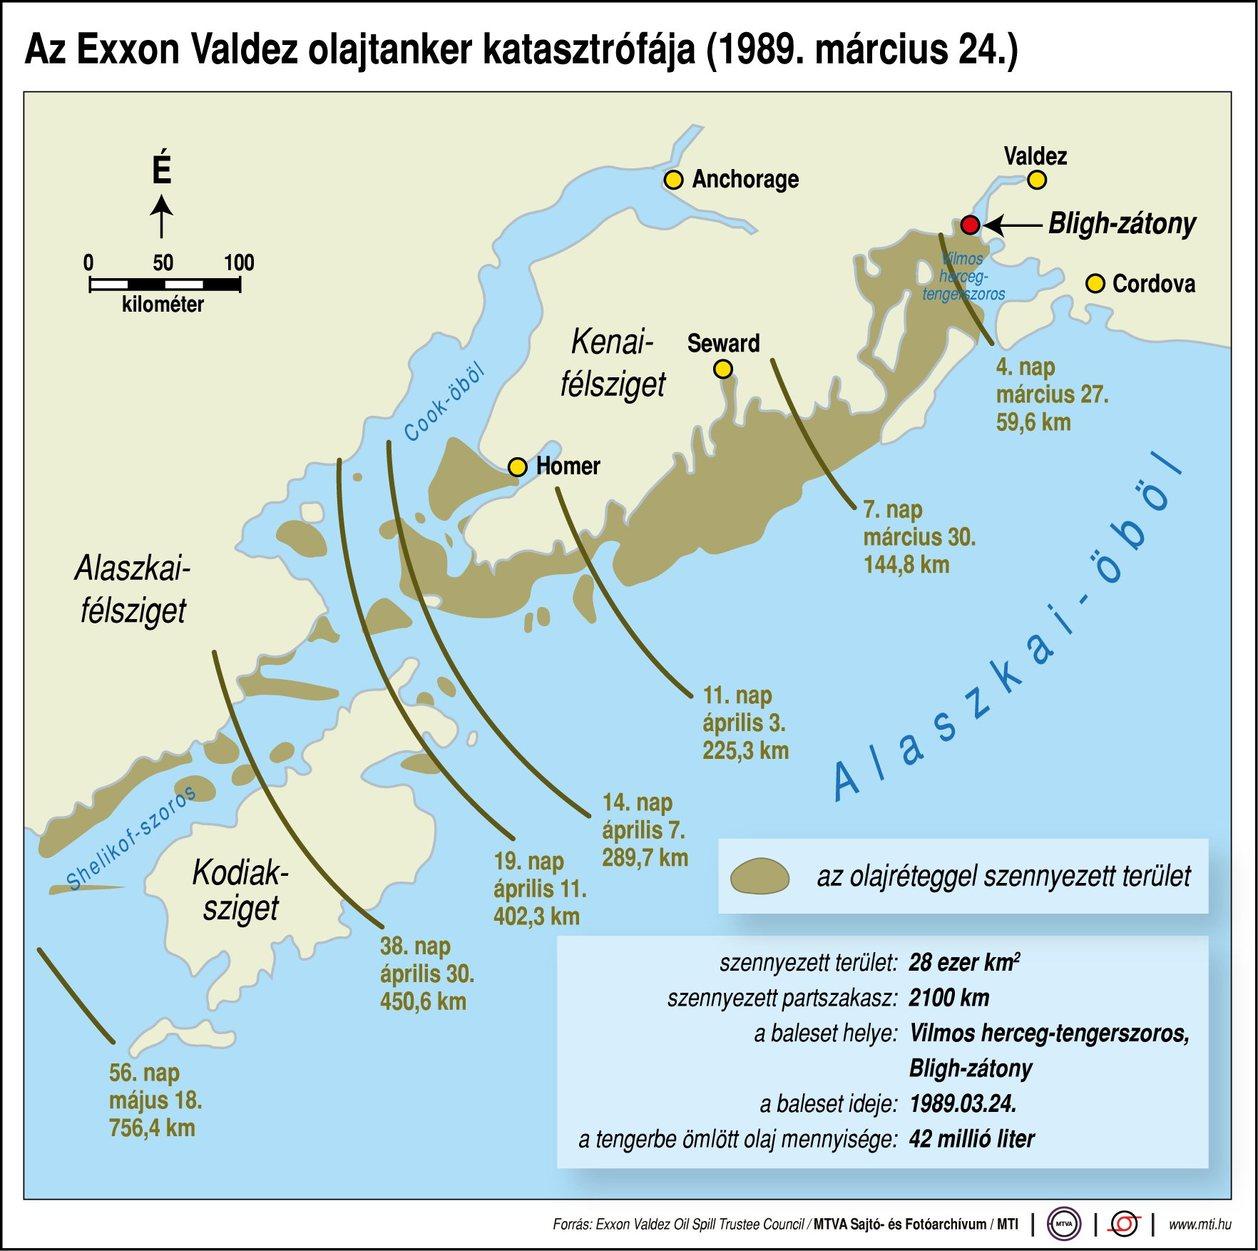 Az Exxon Valdez olajtanker katasztrófája (1989. március 24.) A szennyezett terület: 28 ezer négyzetkilométer A szennyezett partszakasz: 2100 km A baleset helye: Vilmos herceg-tengerszoros, Bligh-zátony A baleset ideje: 1989.03.24. A tengerbe ömlött olaj mennyisége: 42 millió liter